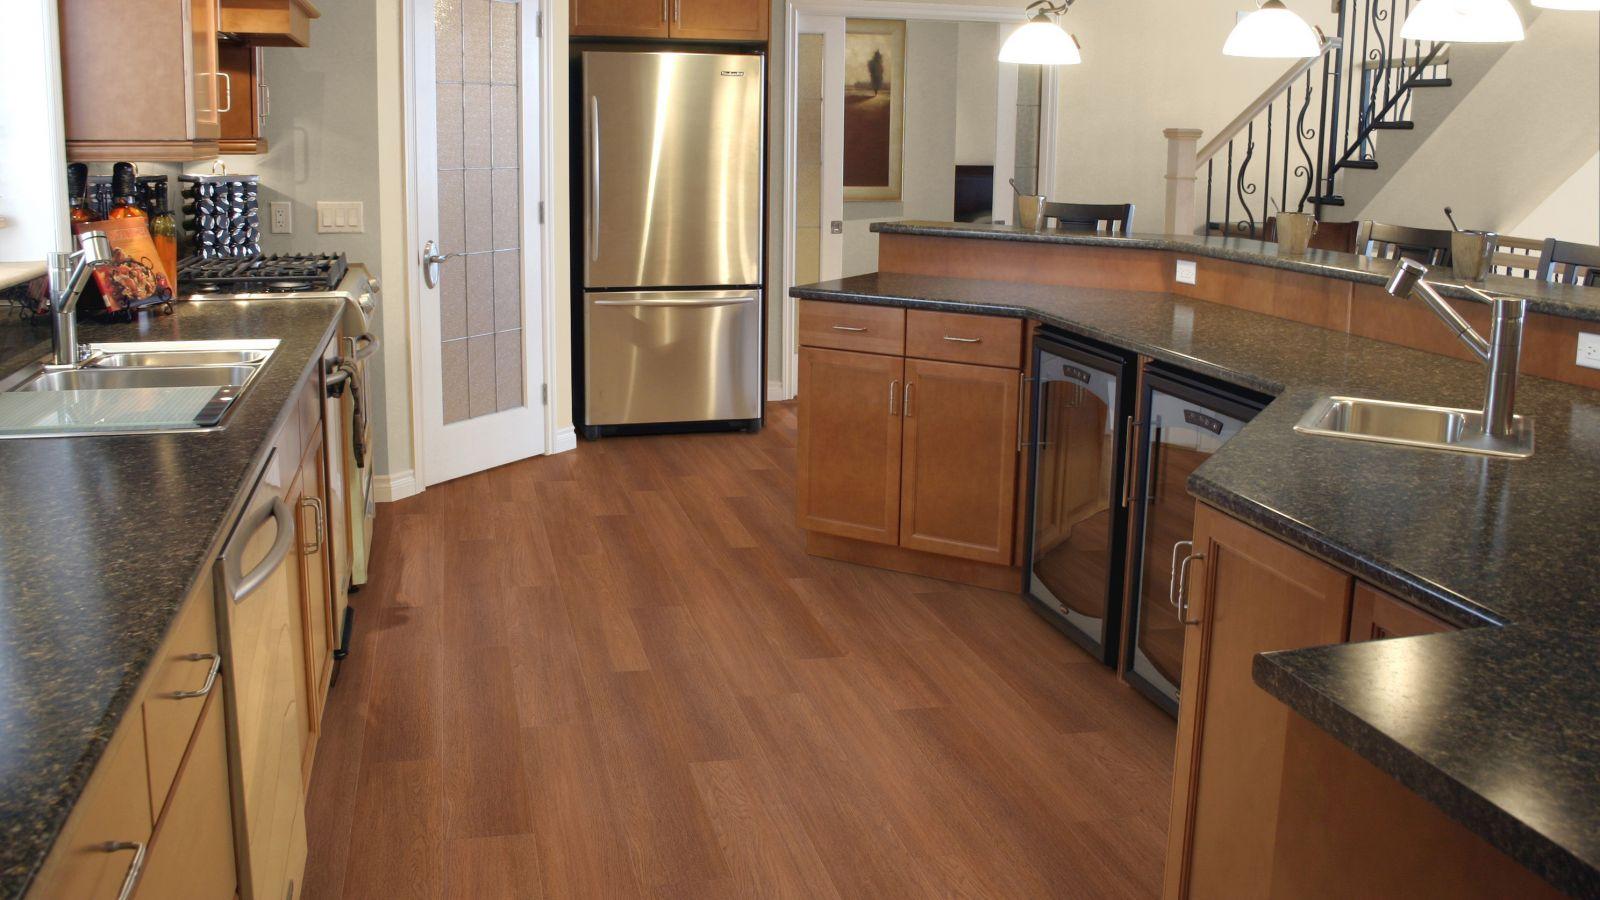 Keukenvloeren pvc vloeren van mflorshop